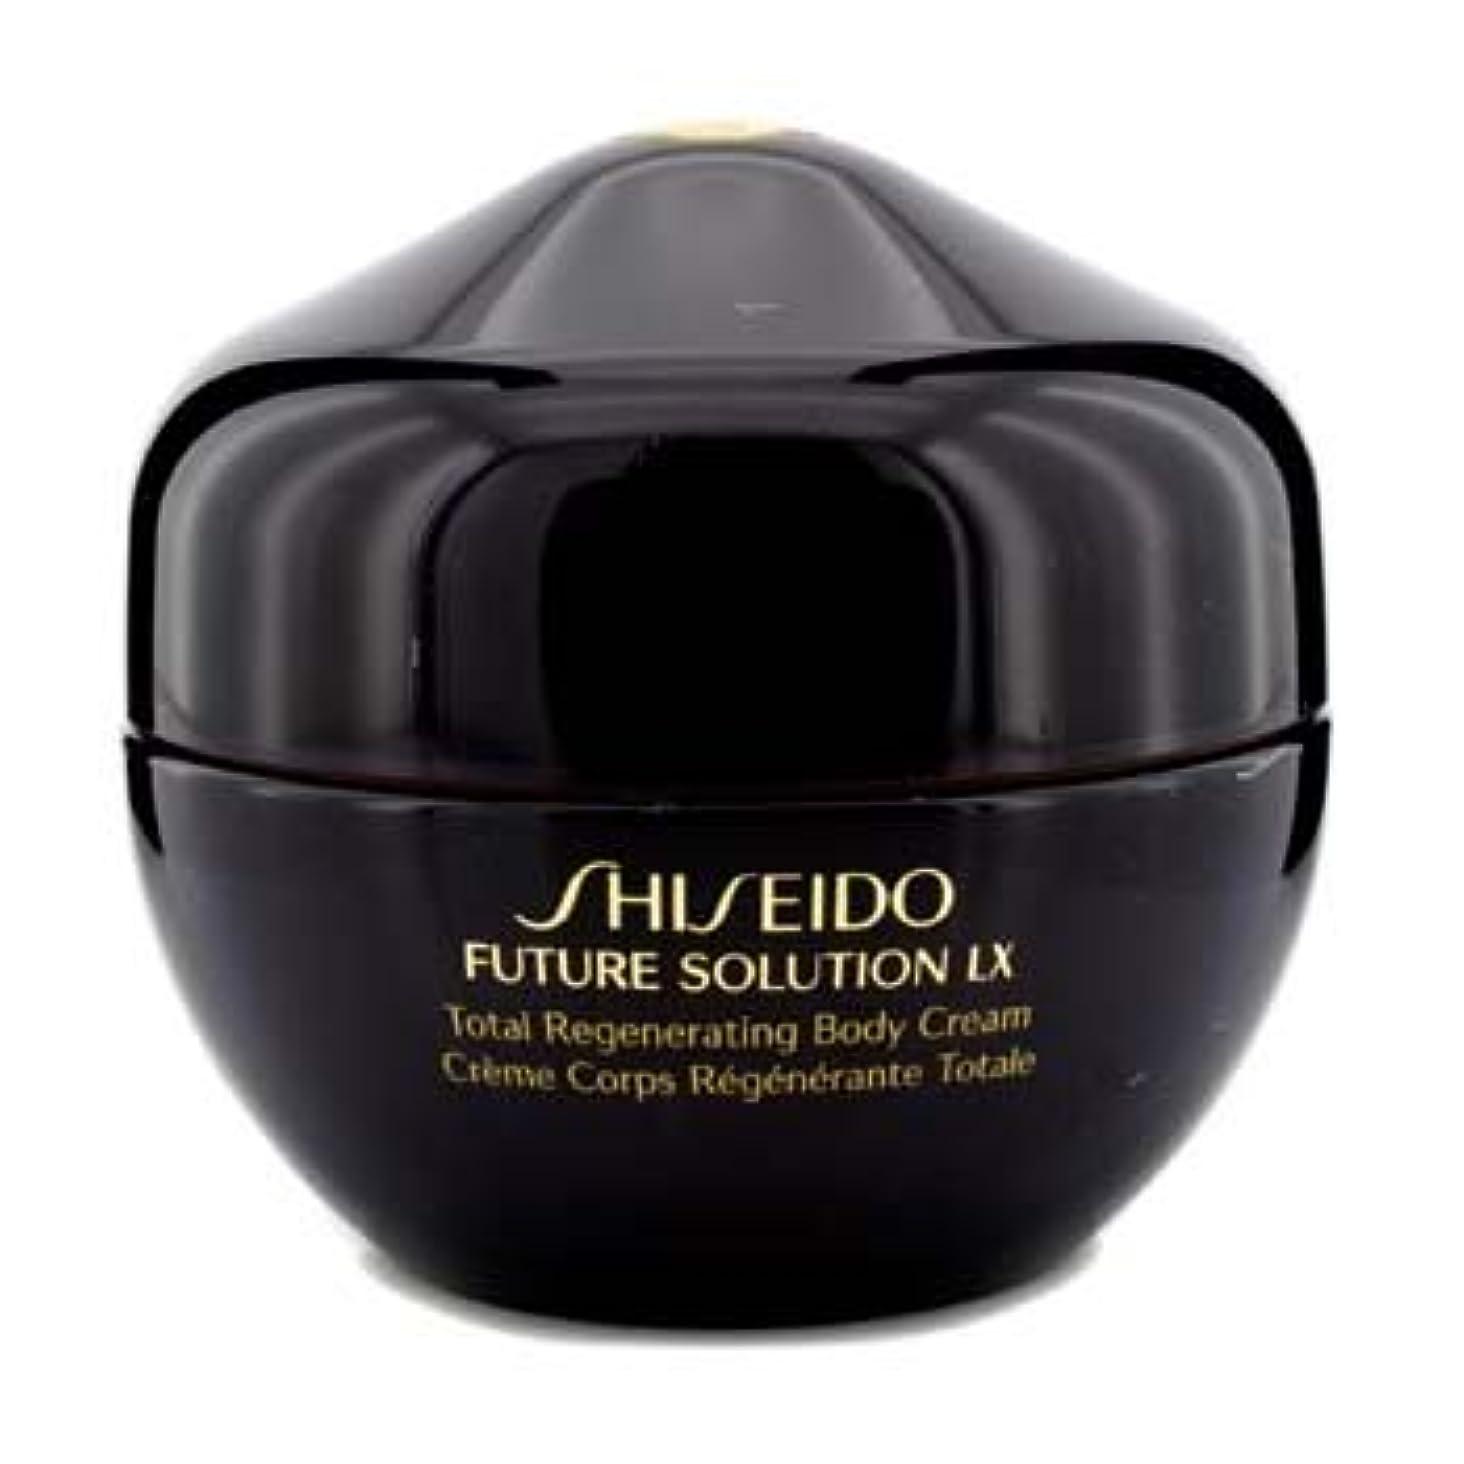 増強ボーカル展望台[Shiseido] Future Solution LX Total Regenerating Body Cream 200ml/6.7oz